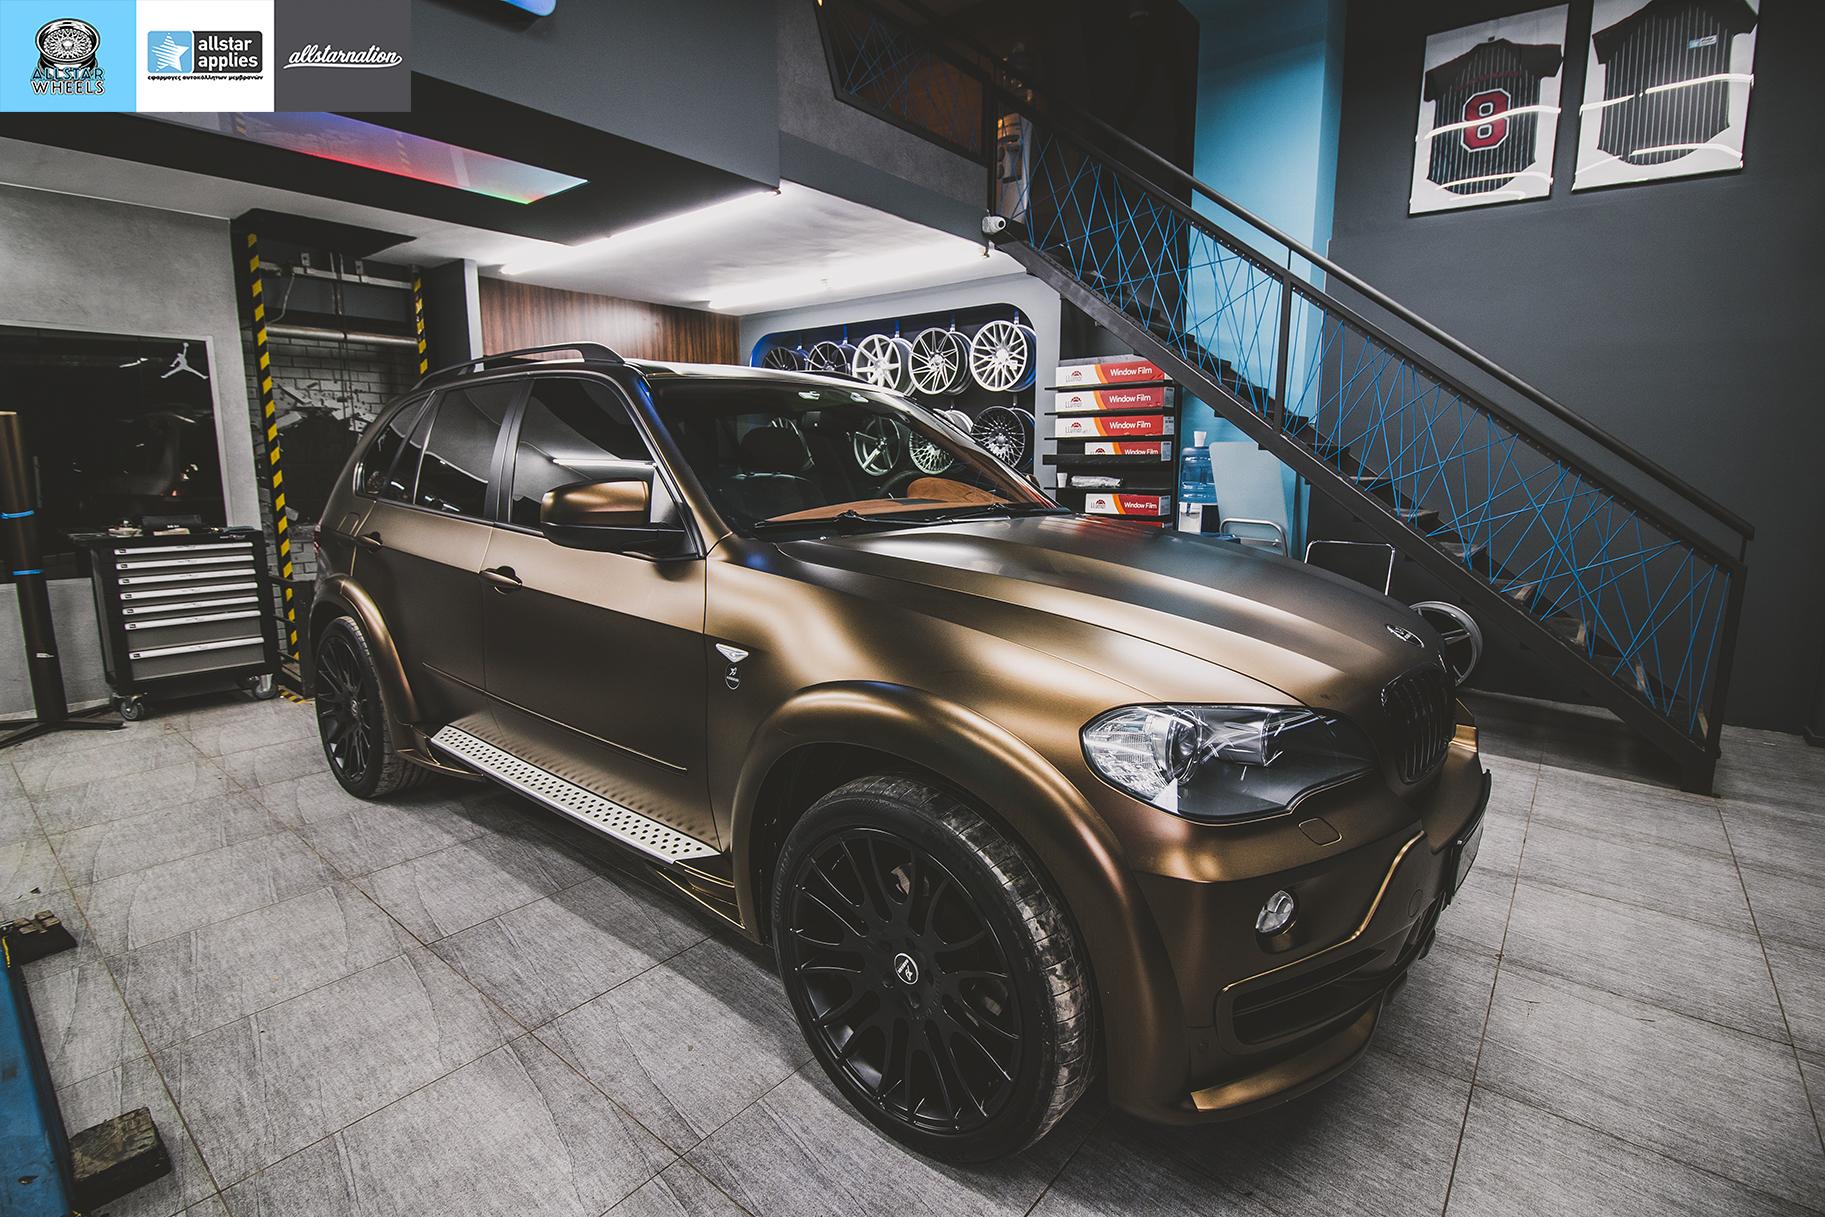 BMW X5 HAMANN MATT BOND GOLD (2)